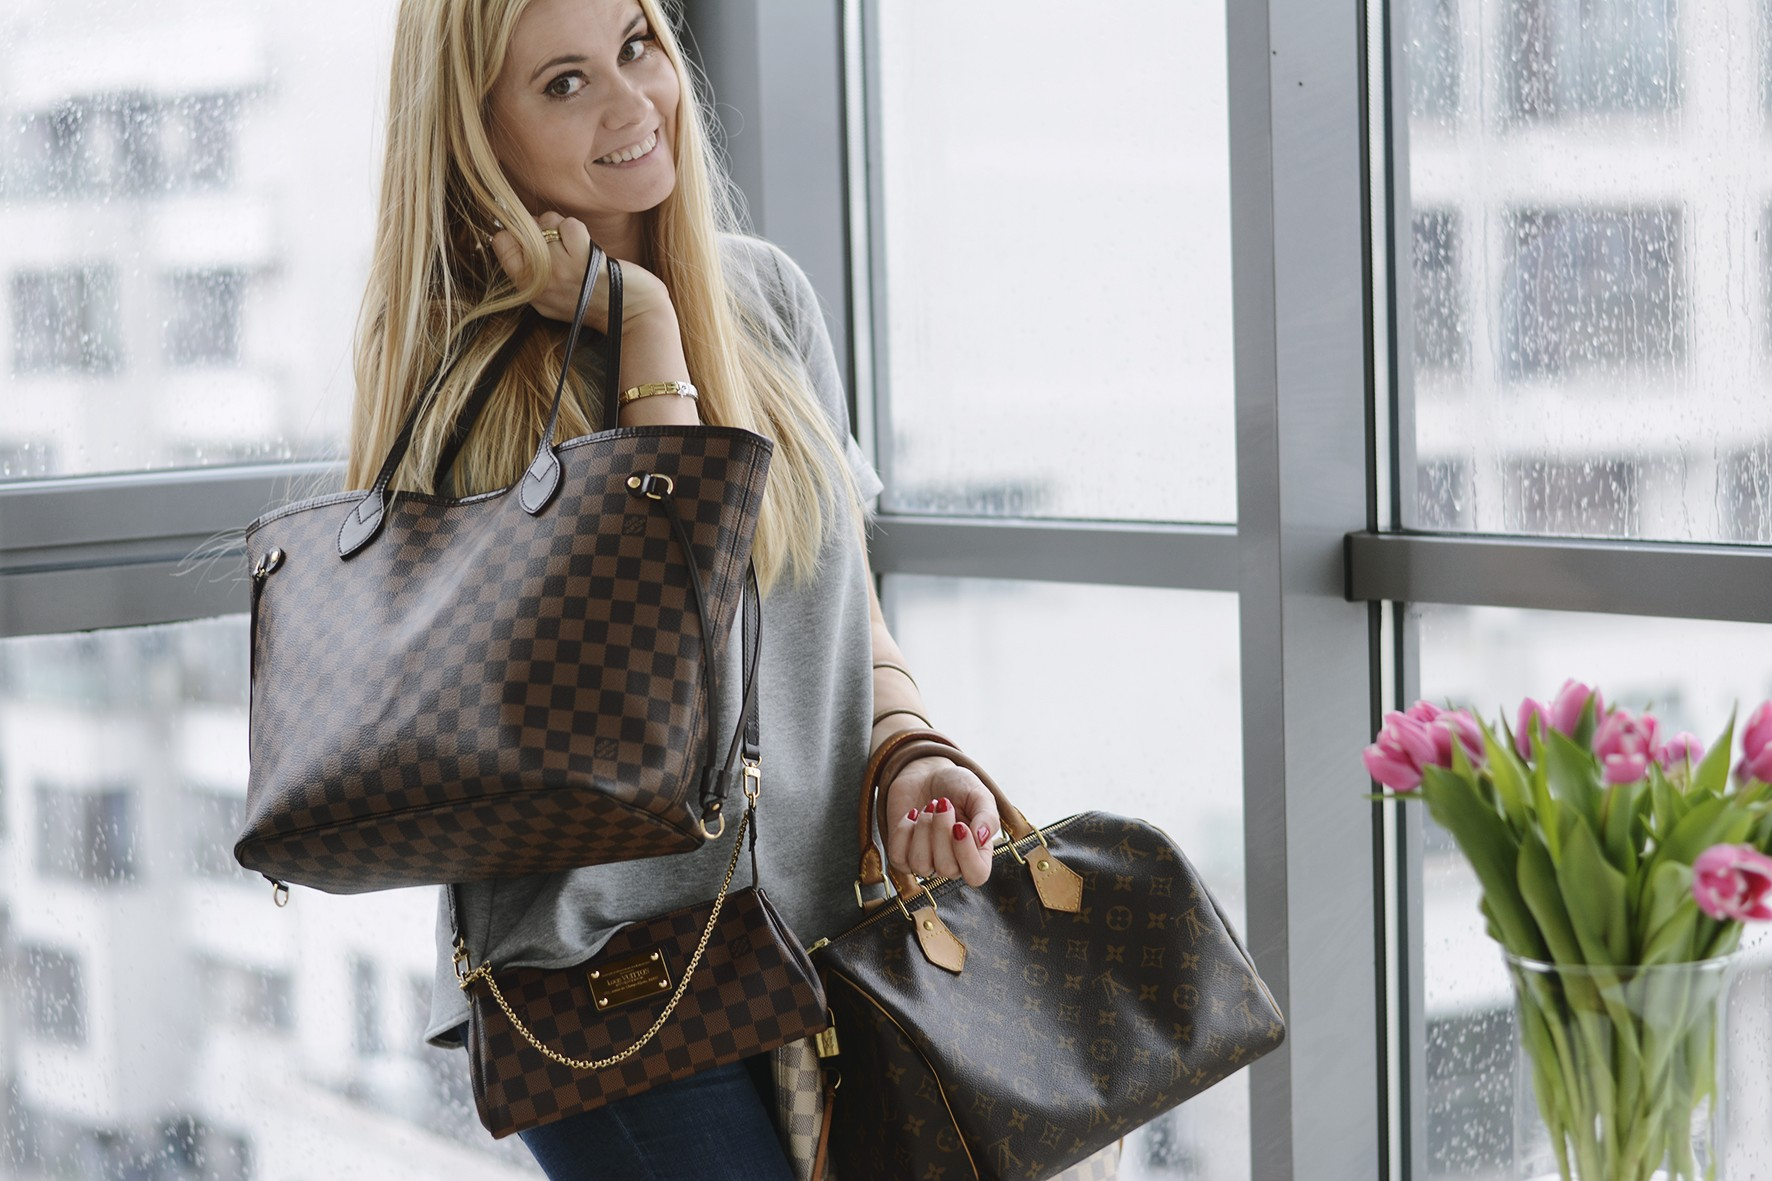 fe6c723ccee87 To drugi kultowy i chyba najpopularniejszy model w Louis Vuitton – Neverfull  i po ten egzemplarz sięgam najczęściej. Wybrałam w kolorze ciemno-brązowym,  ...